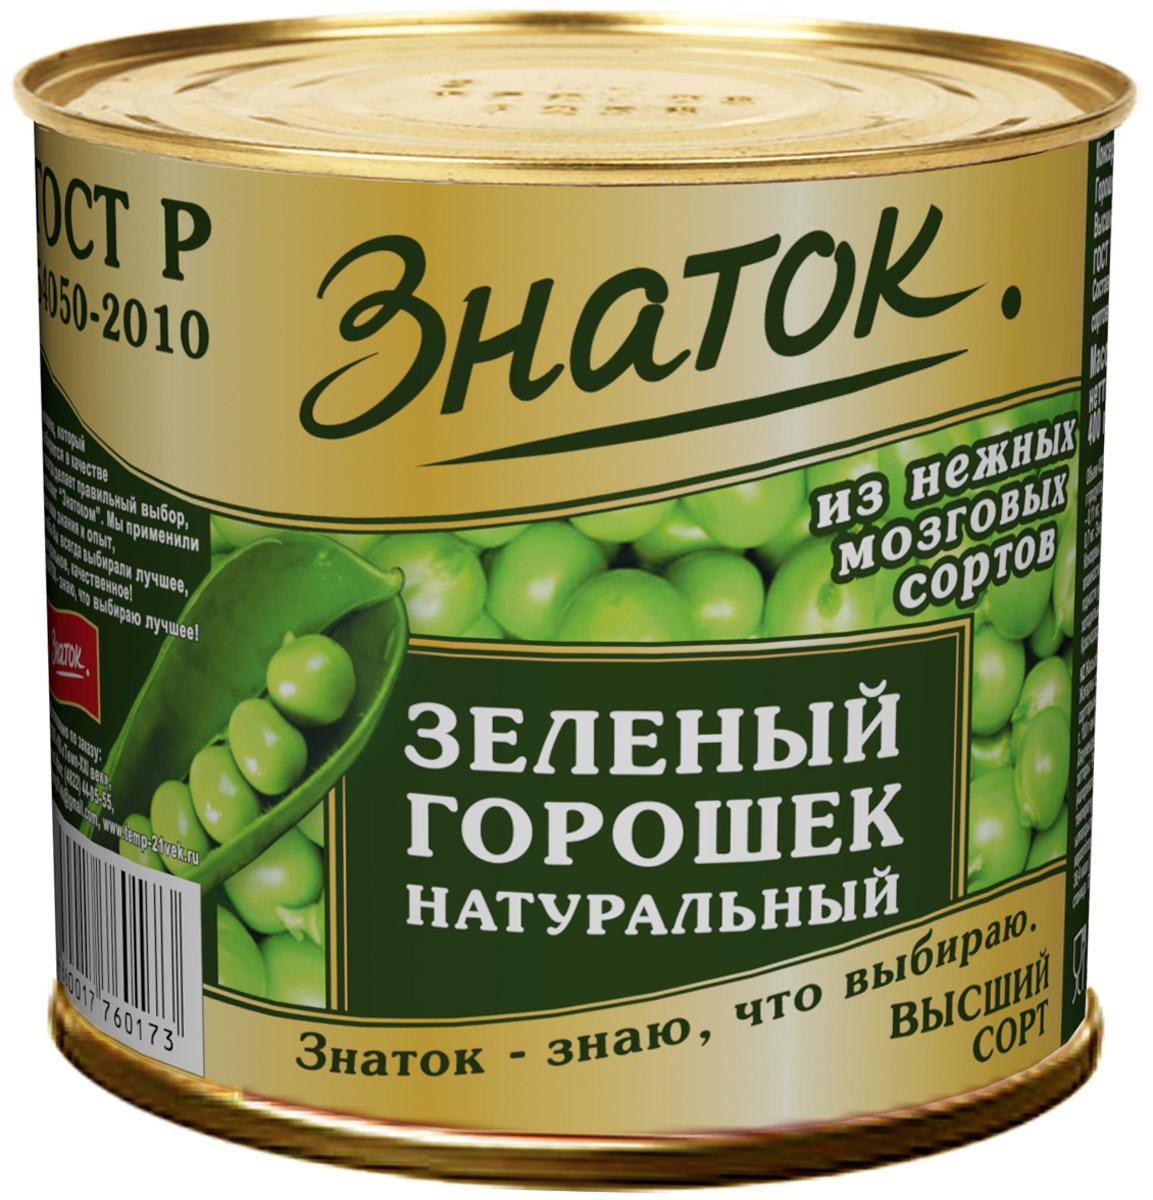 Знаток зеленый горошек консервированный, 400 г казачьи разносолы горошек зеленый мозговых сортов 425 г